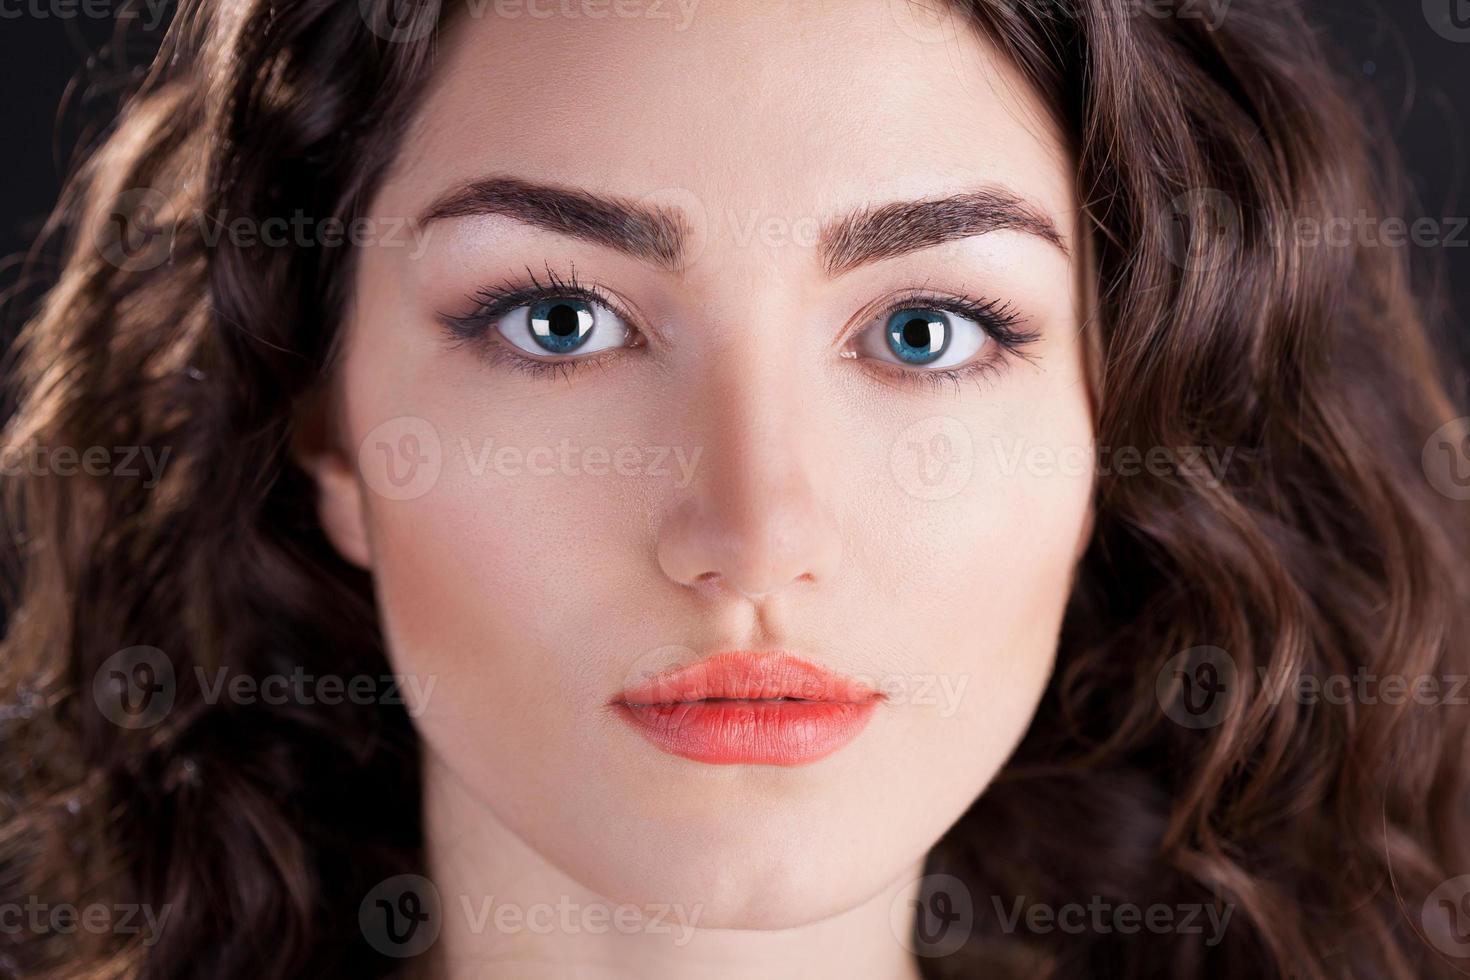 allvarliga ansikte med blå kontaktlinser, svart bakgrund foto